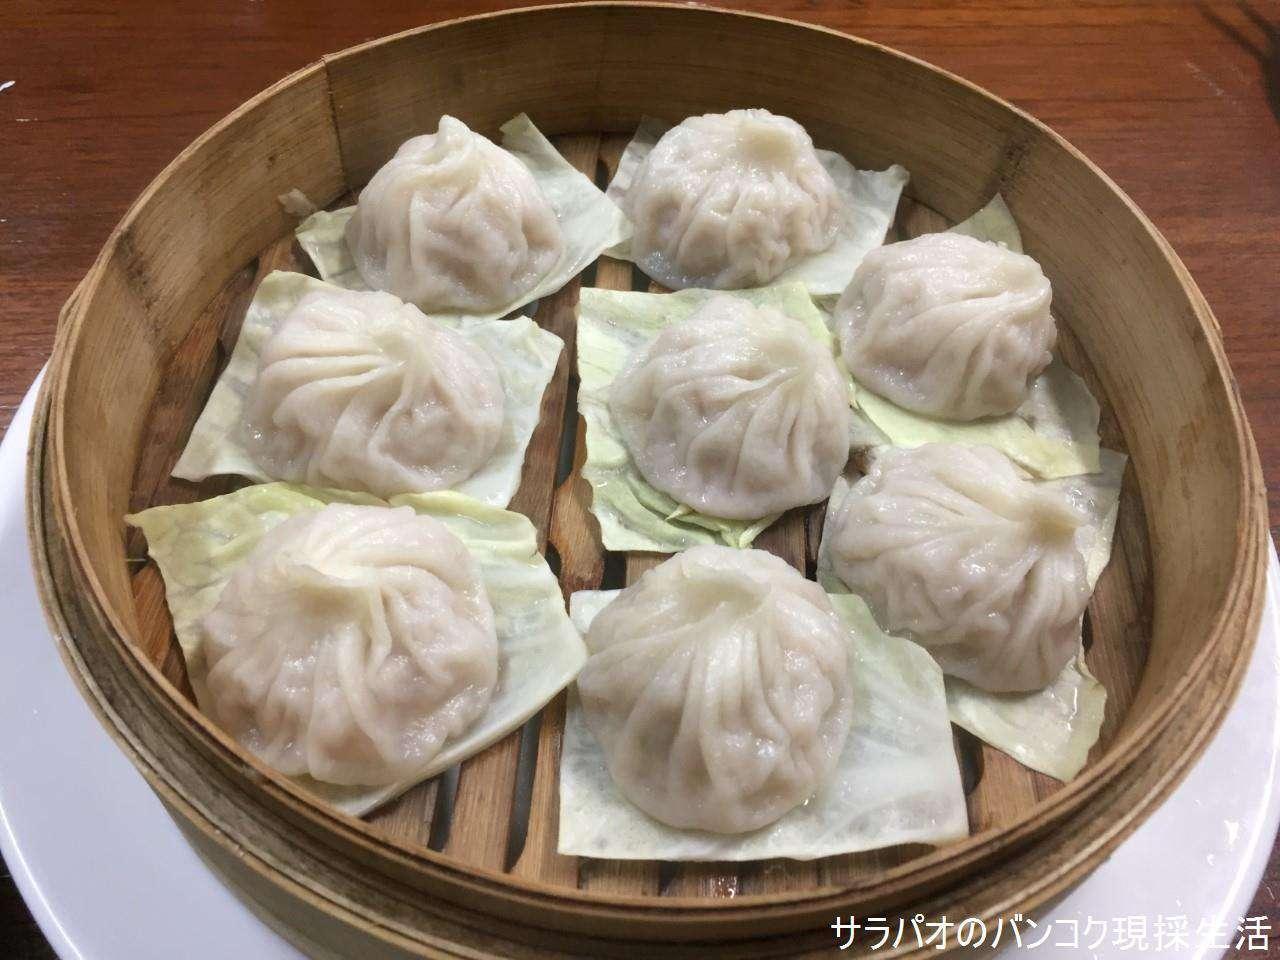 ヨンハートウジャンは小籠包が美味しい台湾料理店 in チョーンノンシー